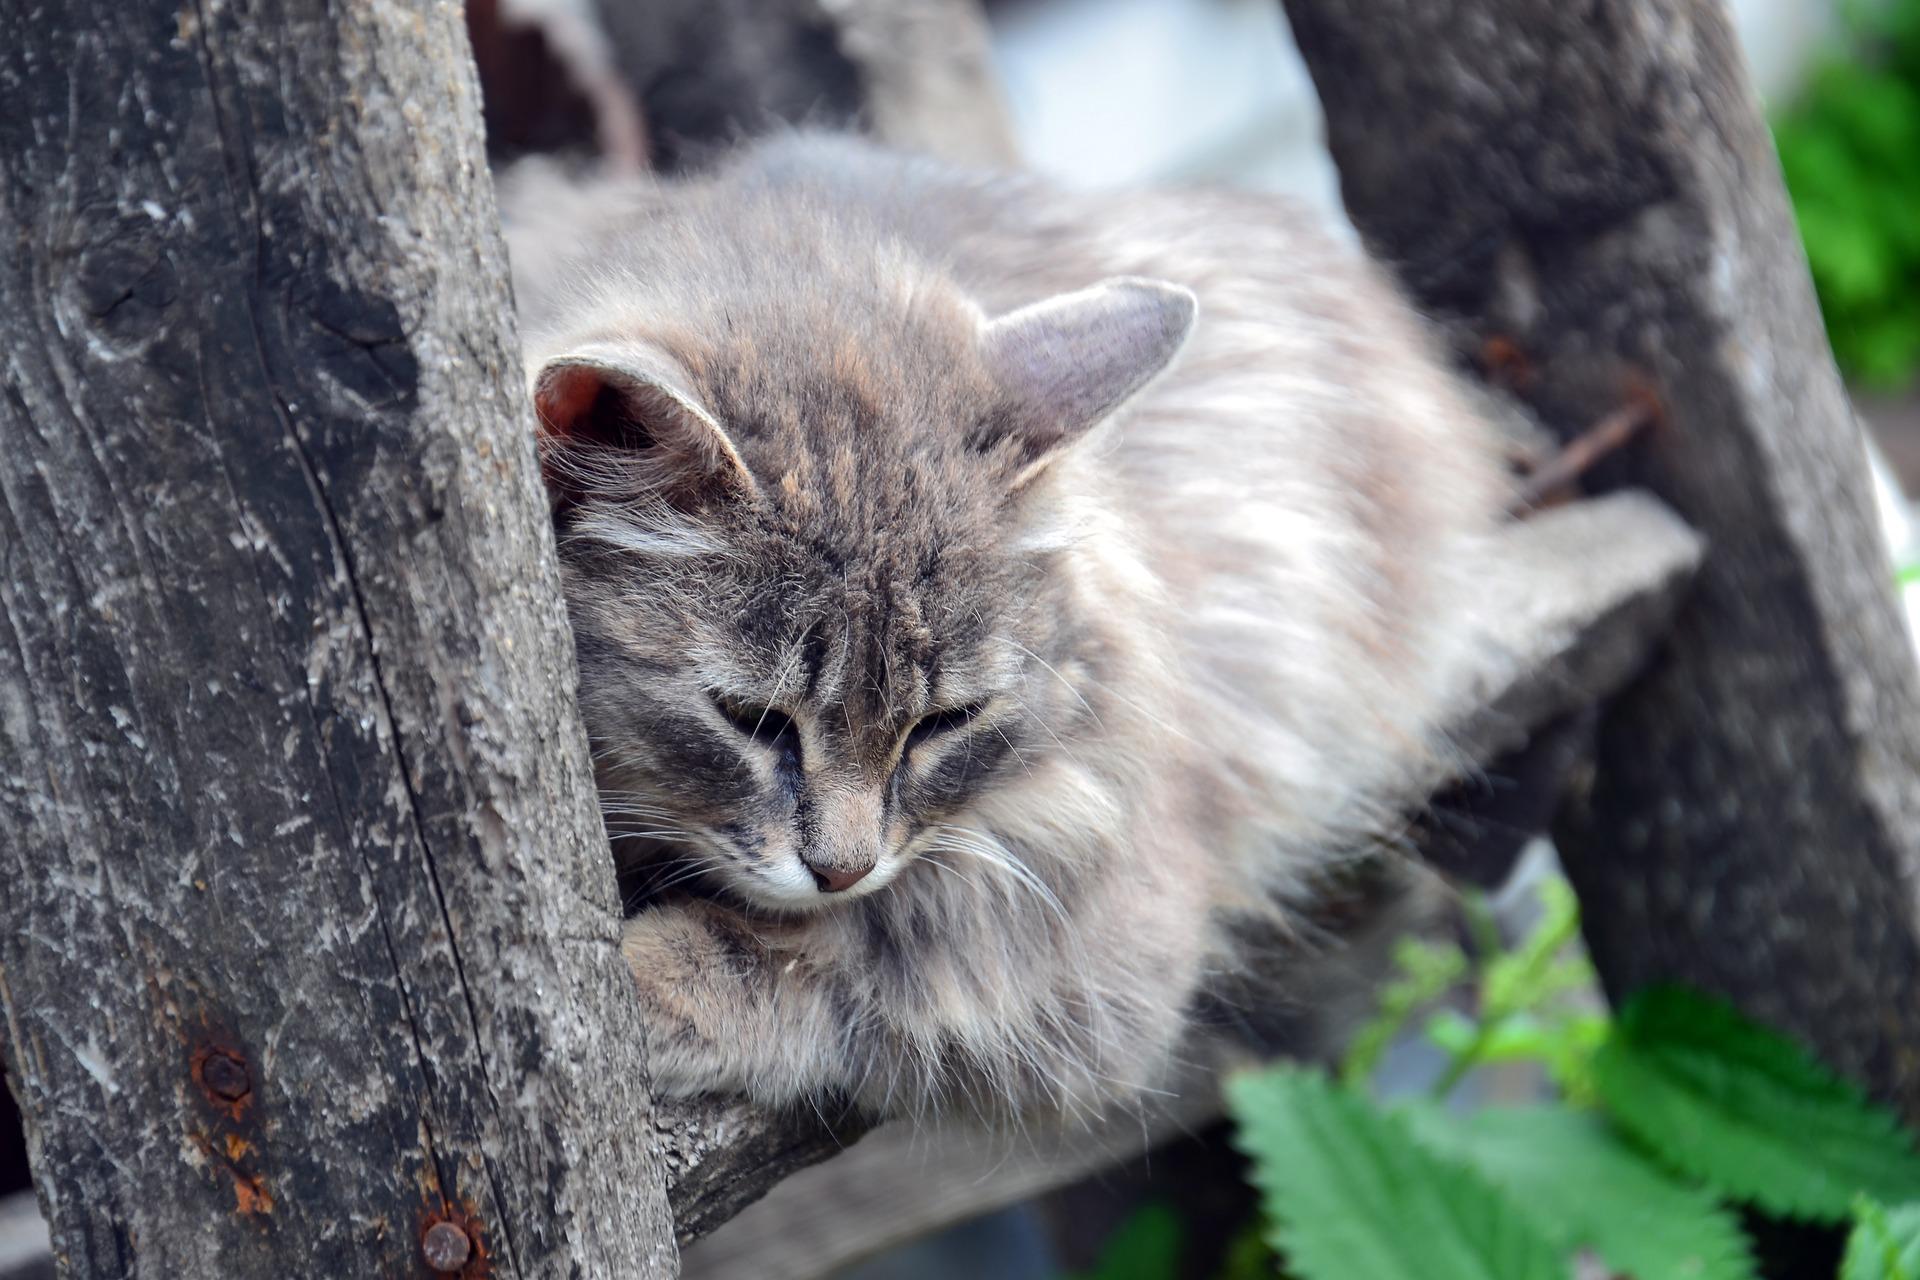 [kuvassa harmaa kissa makoilee kahden puun välissä olevalla laudalla. se katselee alaspäin ja näyttää surulliselta tai väsyneeltä.]